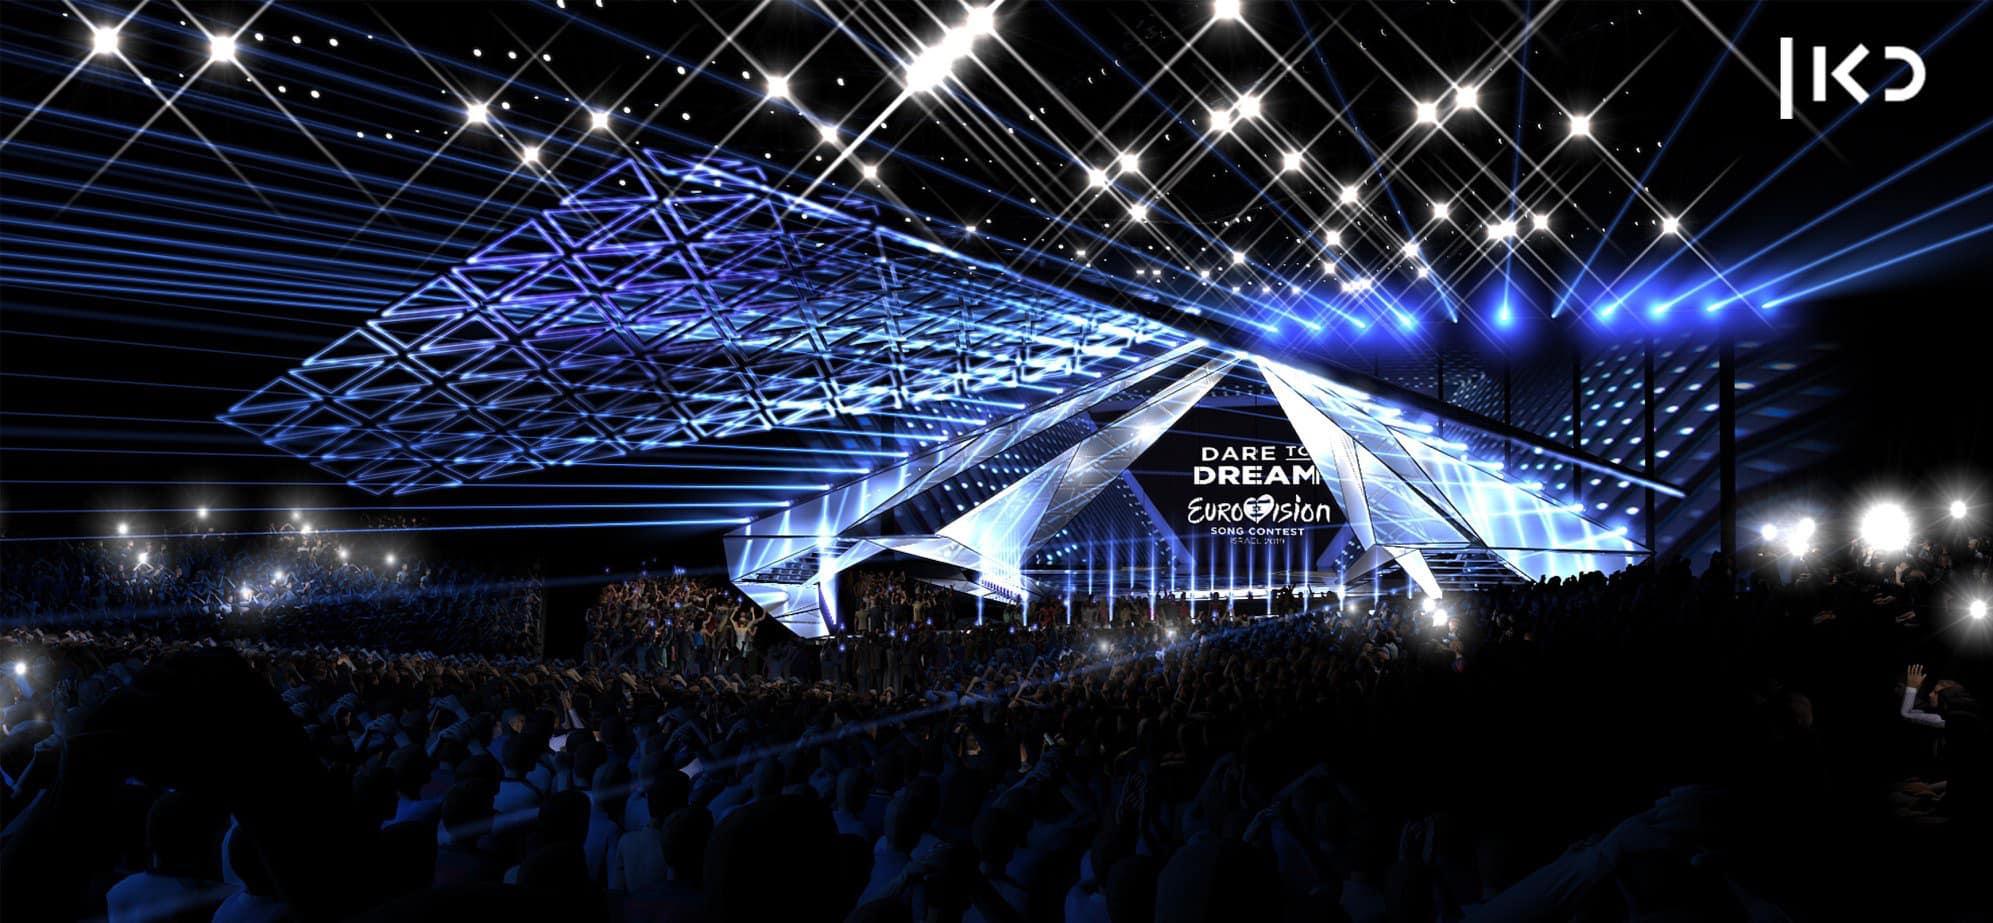 eurovision 2019 - photo #33